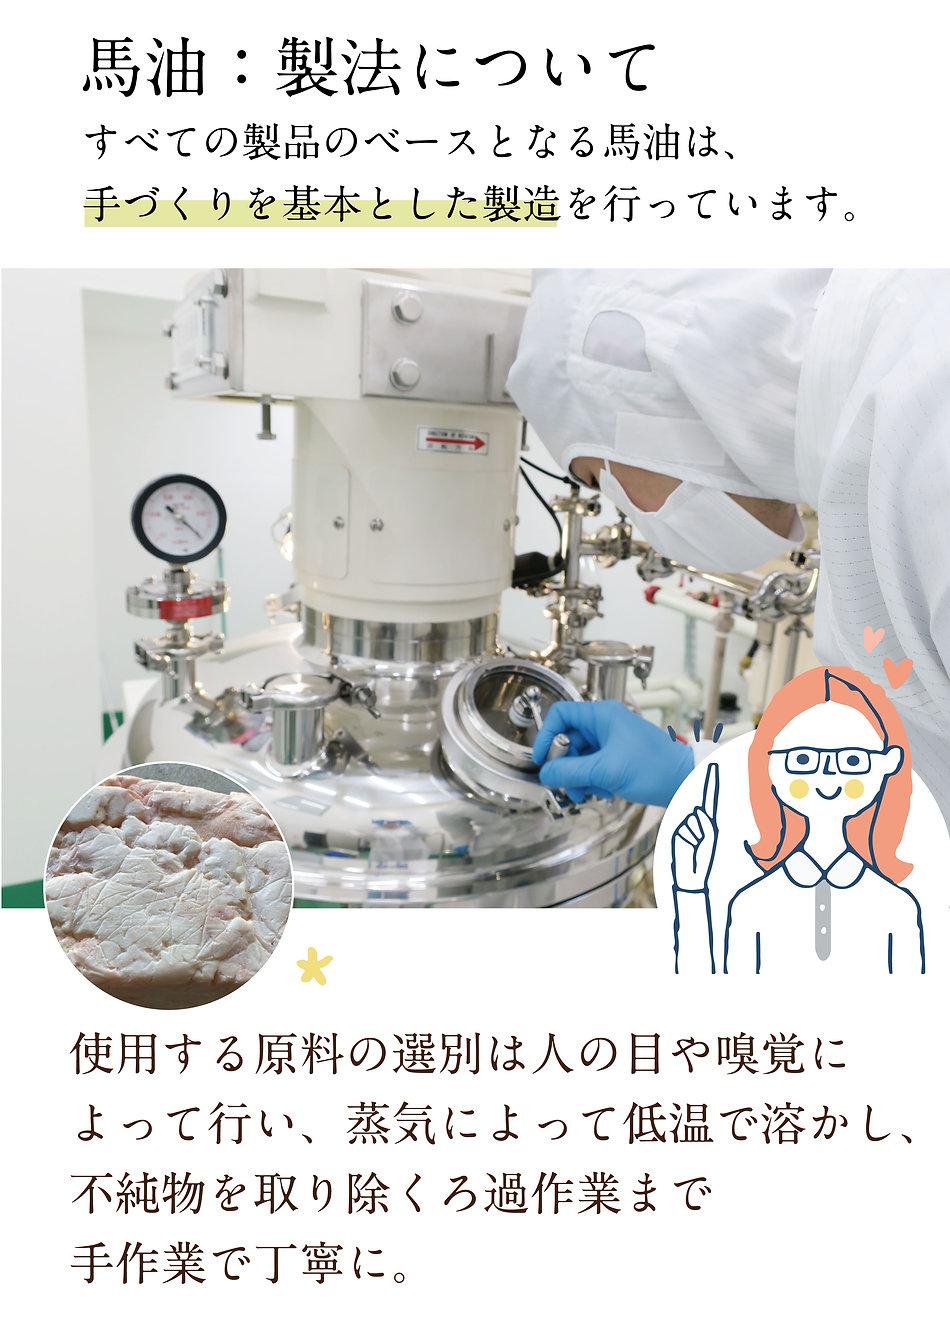 homepage_top_parts5-1.jpg